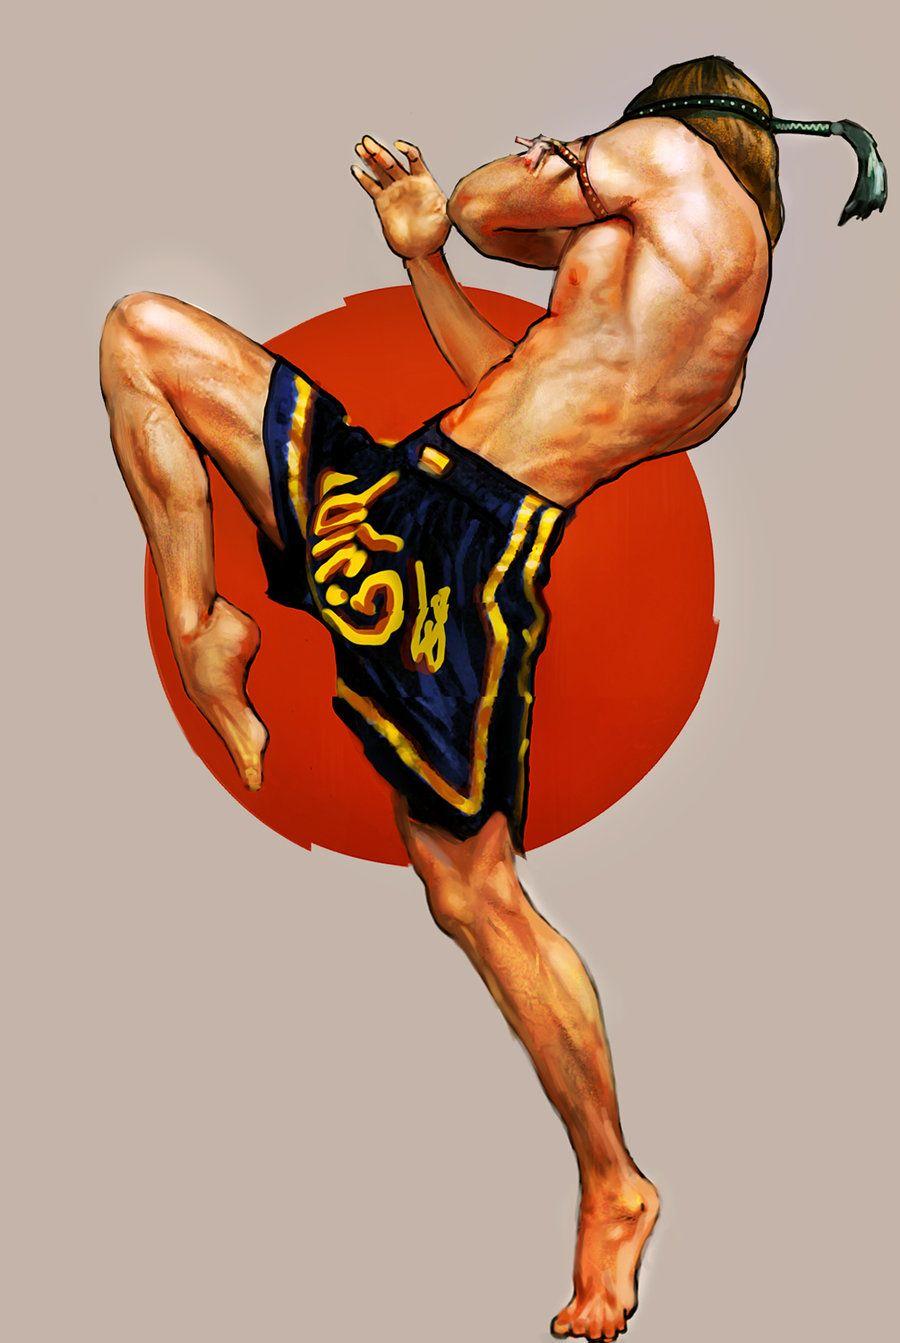 Thai Boxing4 By Gvc060905 On Deviantart Artes Marciais Mistas